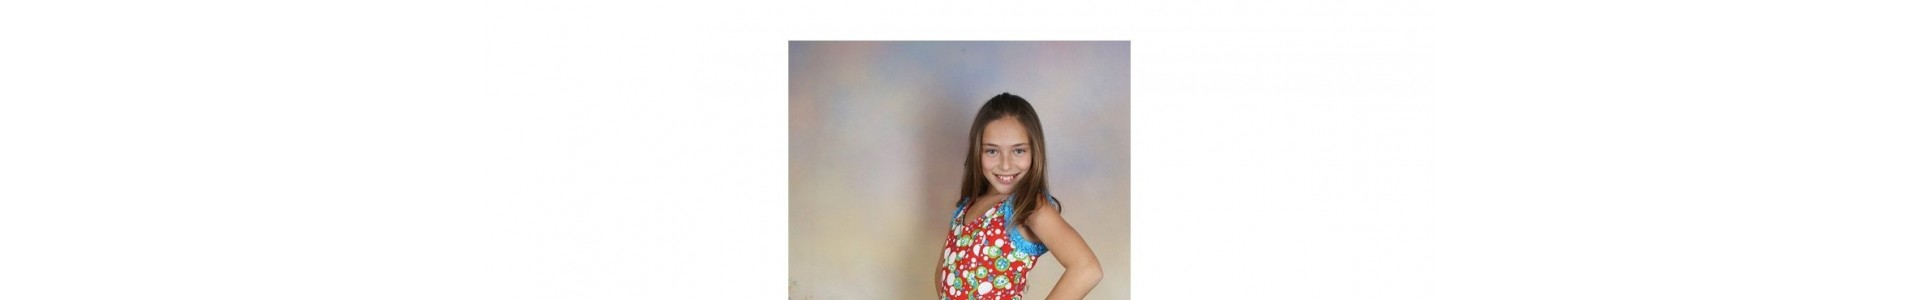 Outlet. Y tu tan flamenca. Trajes de flamenca para niñas de 14 años.